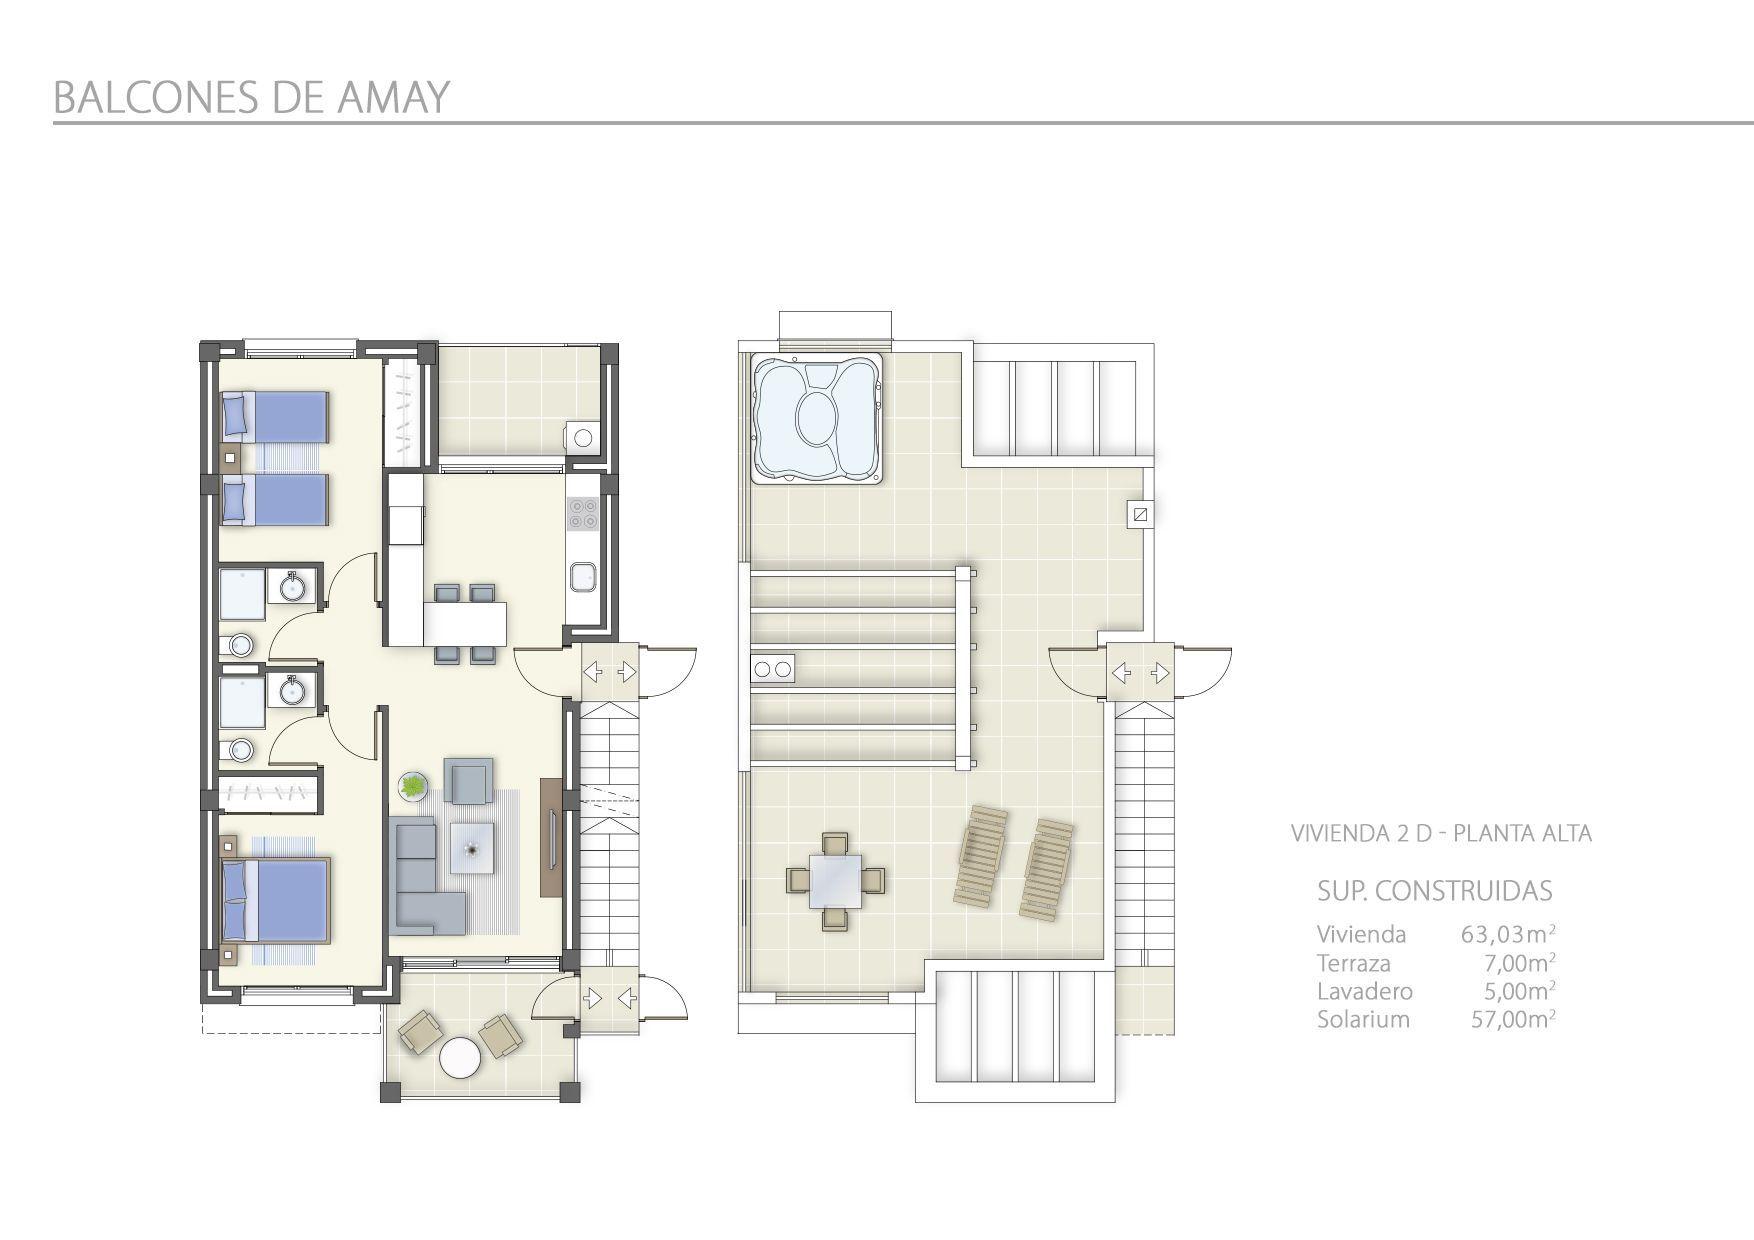 2 Dormitorios en Planta Alta